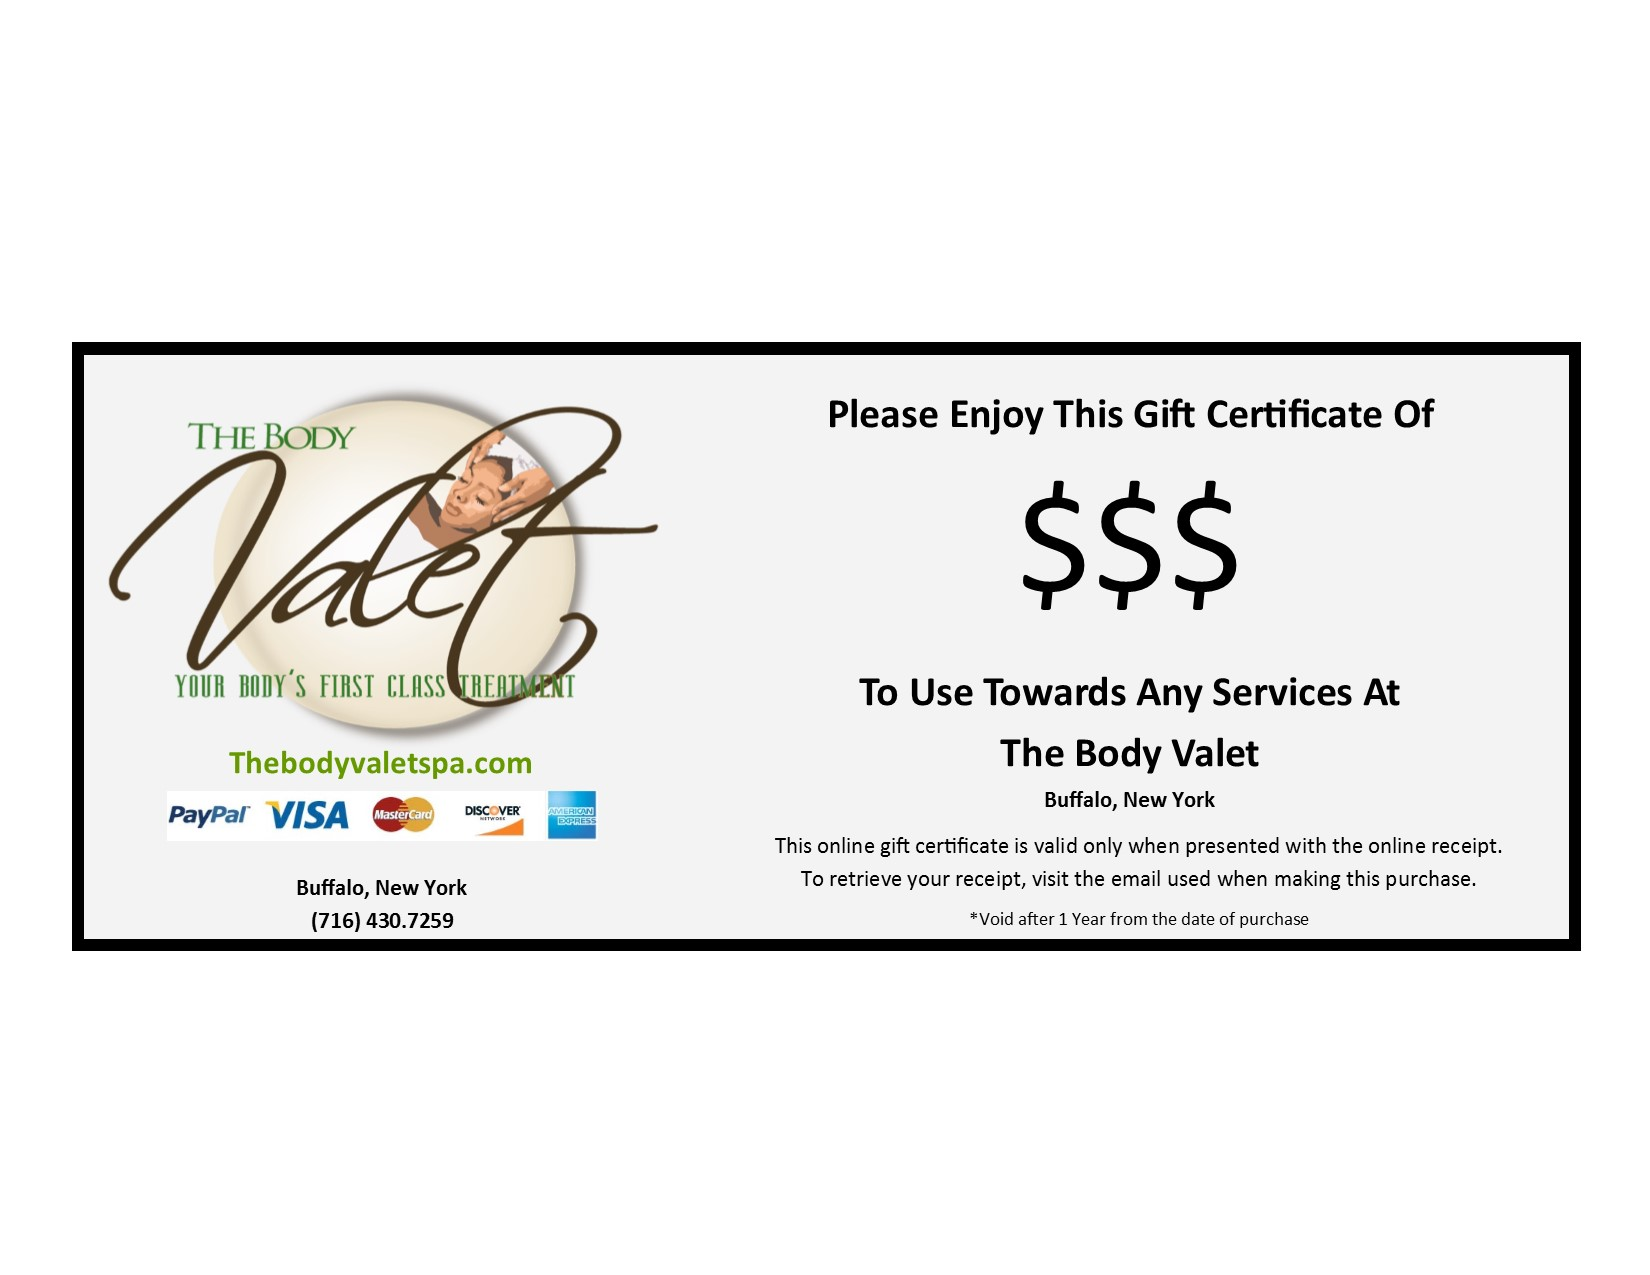 Body Valet Gift Certificate The Body Valet